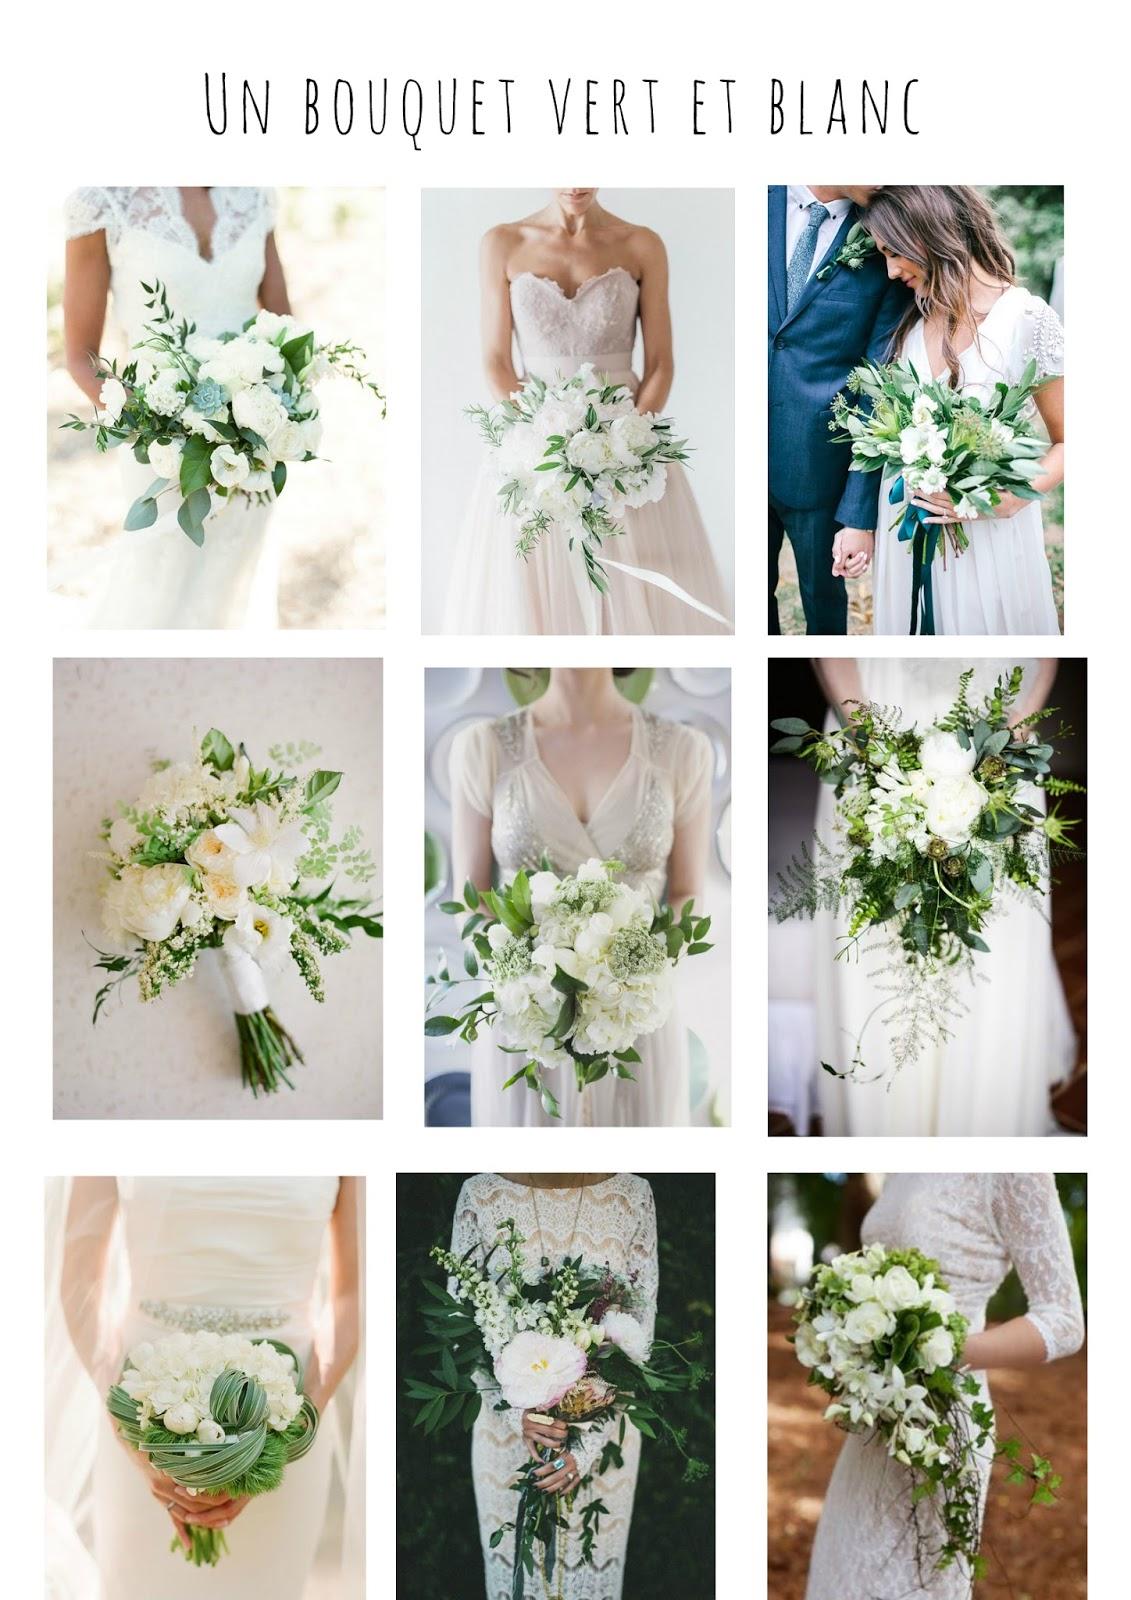 Un bouquet vert et blanc